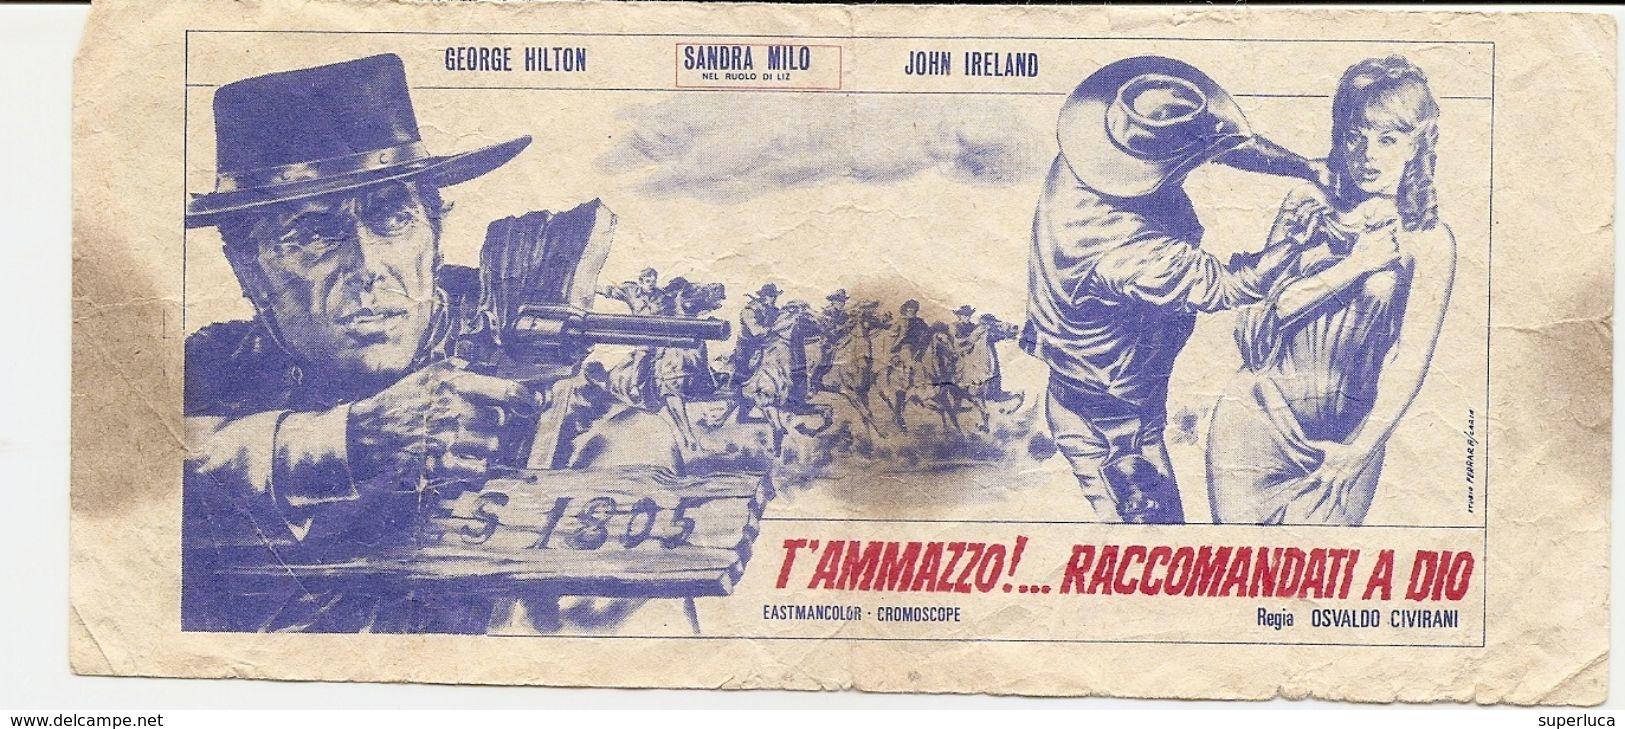 3-PUBBLICITA FILM T'AMMAZZO!...RACCOMANDATI A DIO-AL RETRO DI 1000 DOLLARI US - Pubblicitari